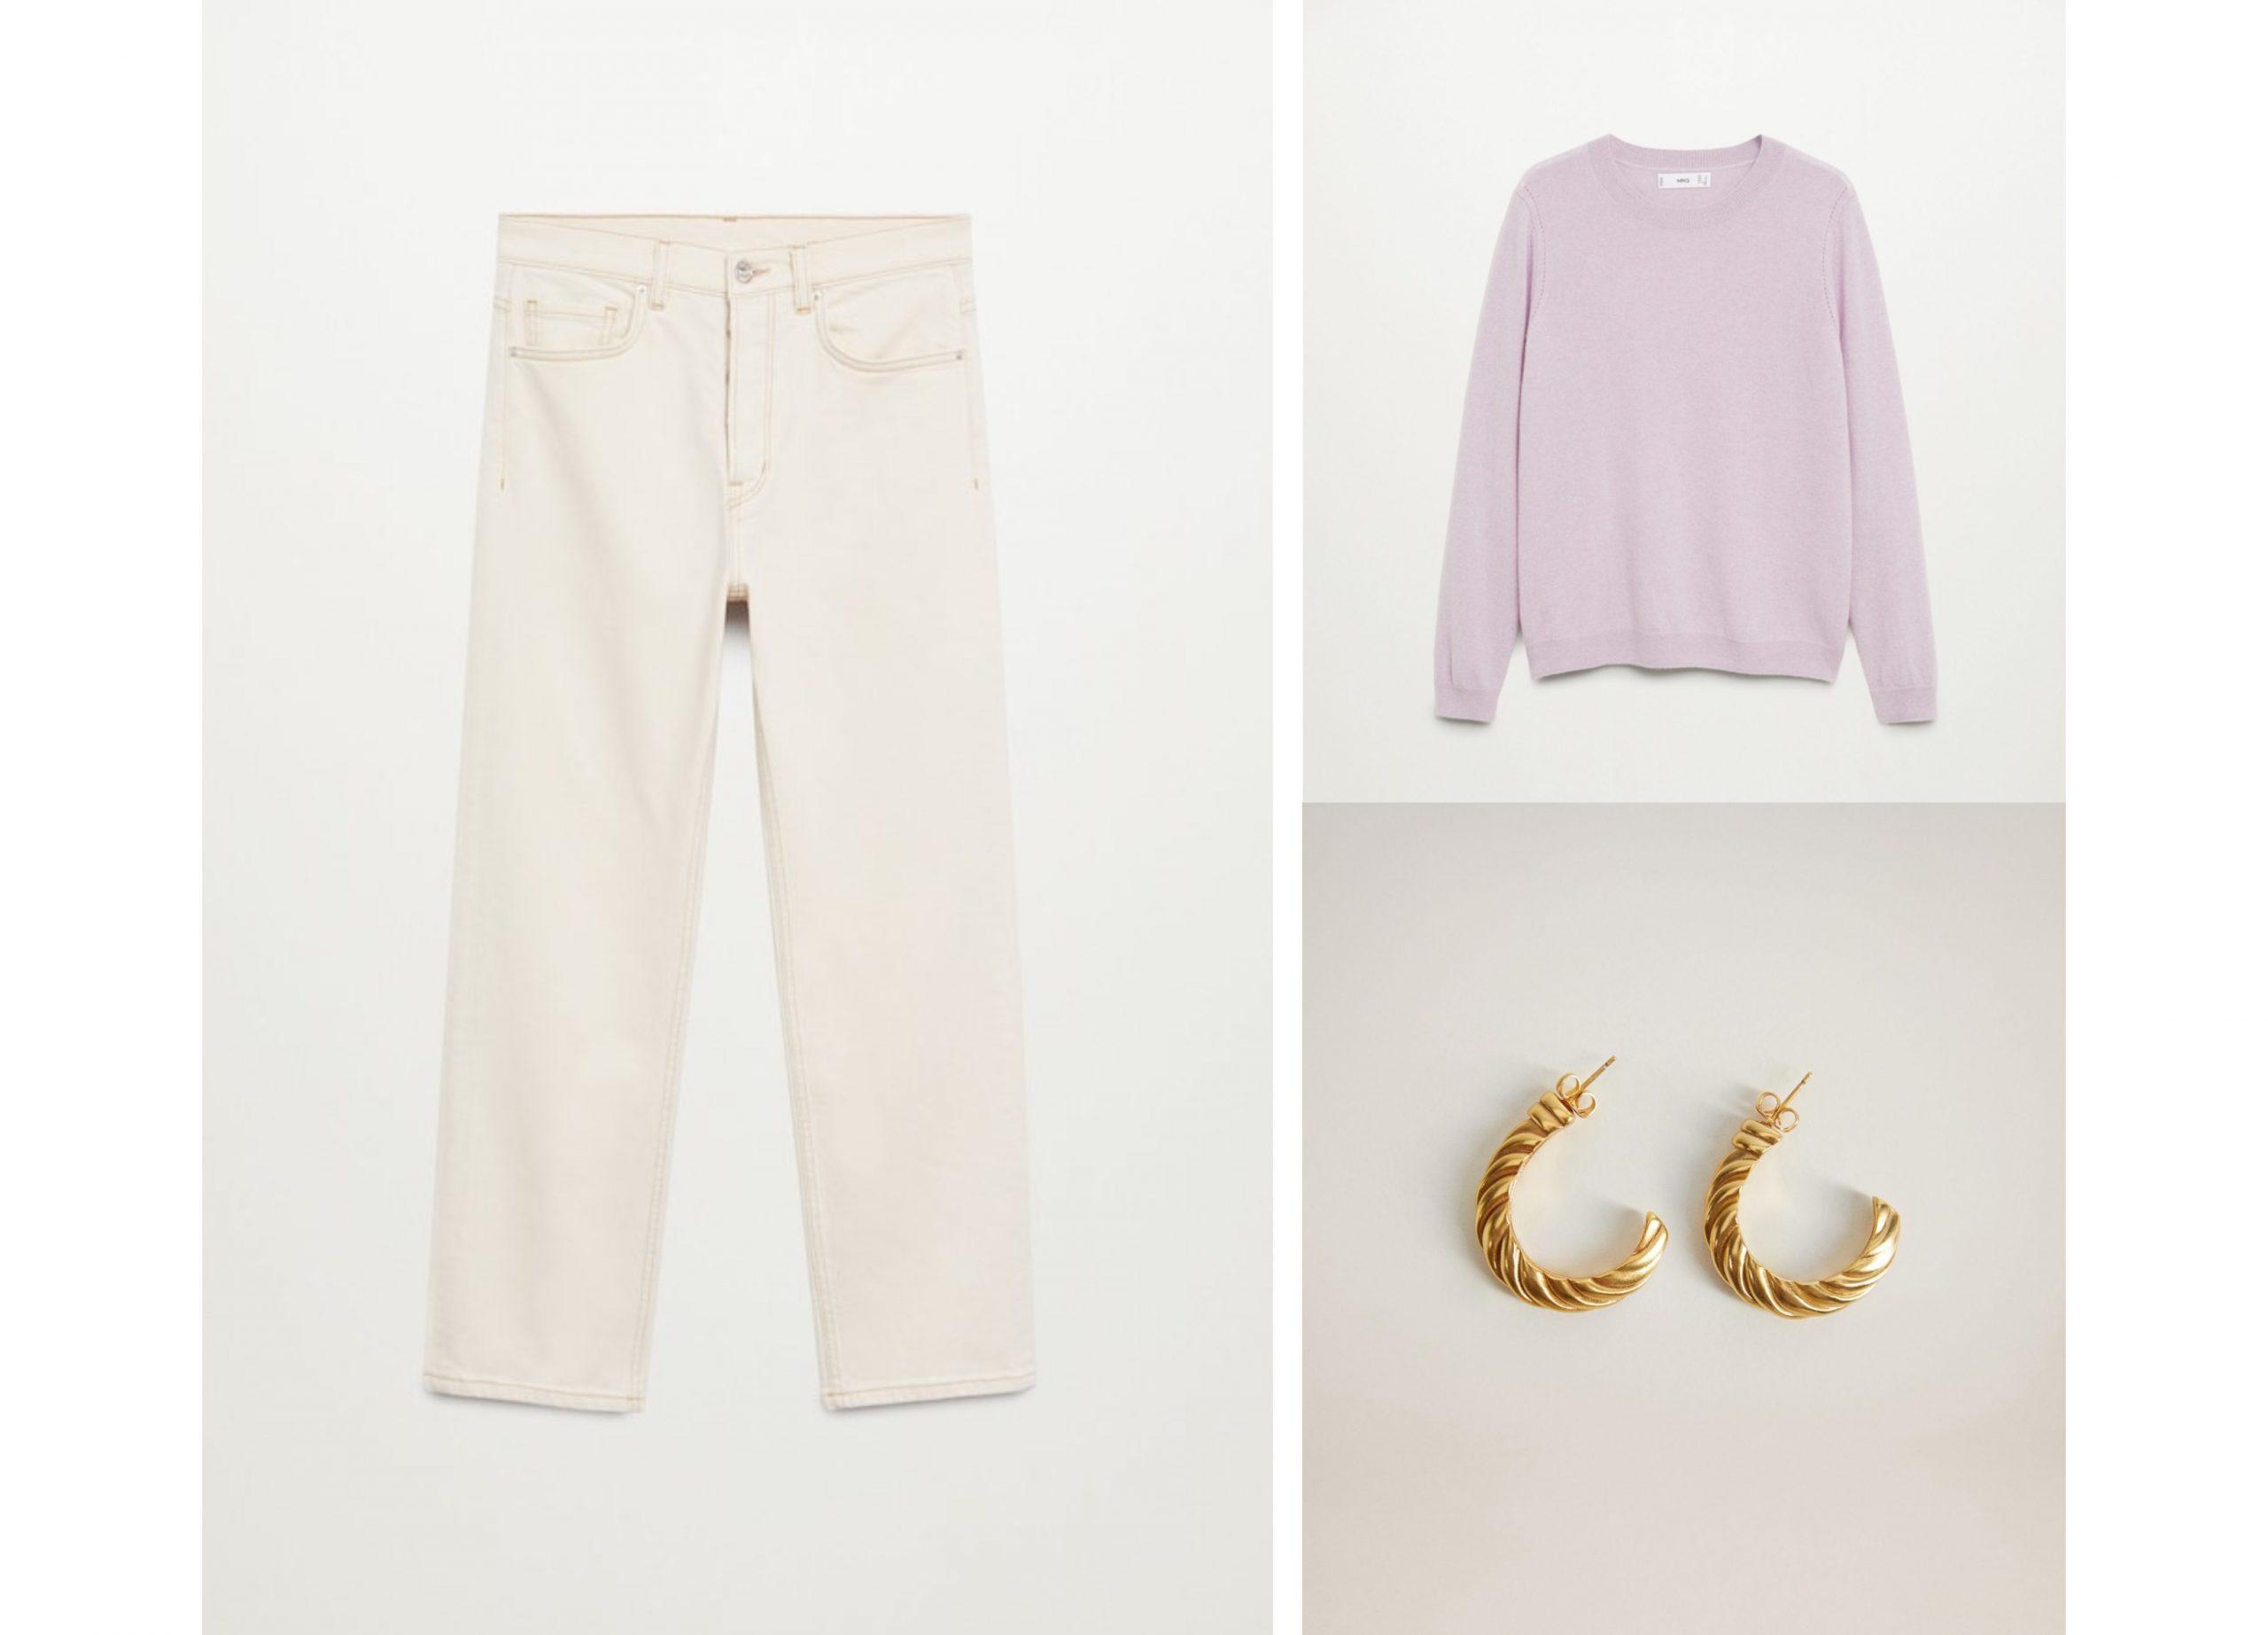 Conjunto de Mango formado por pantalones de Aitor recto blancos, un jersey color lila y pendientes dorados.